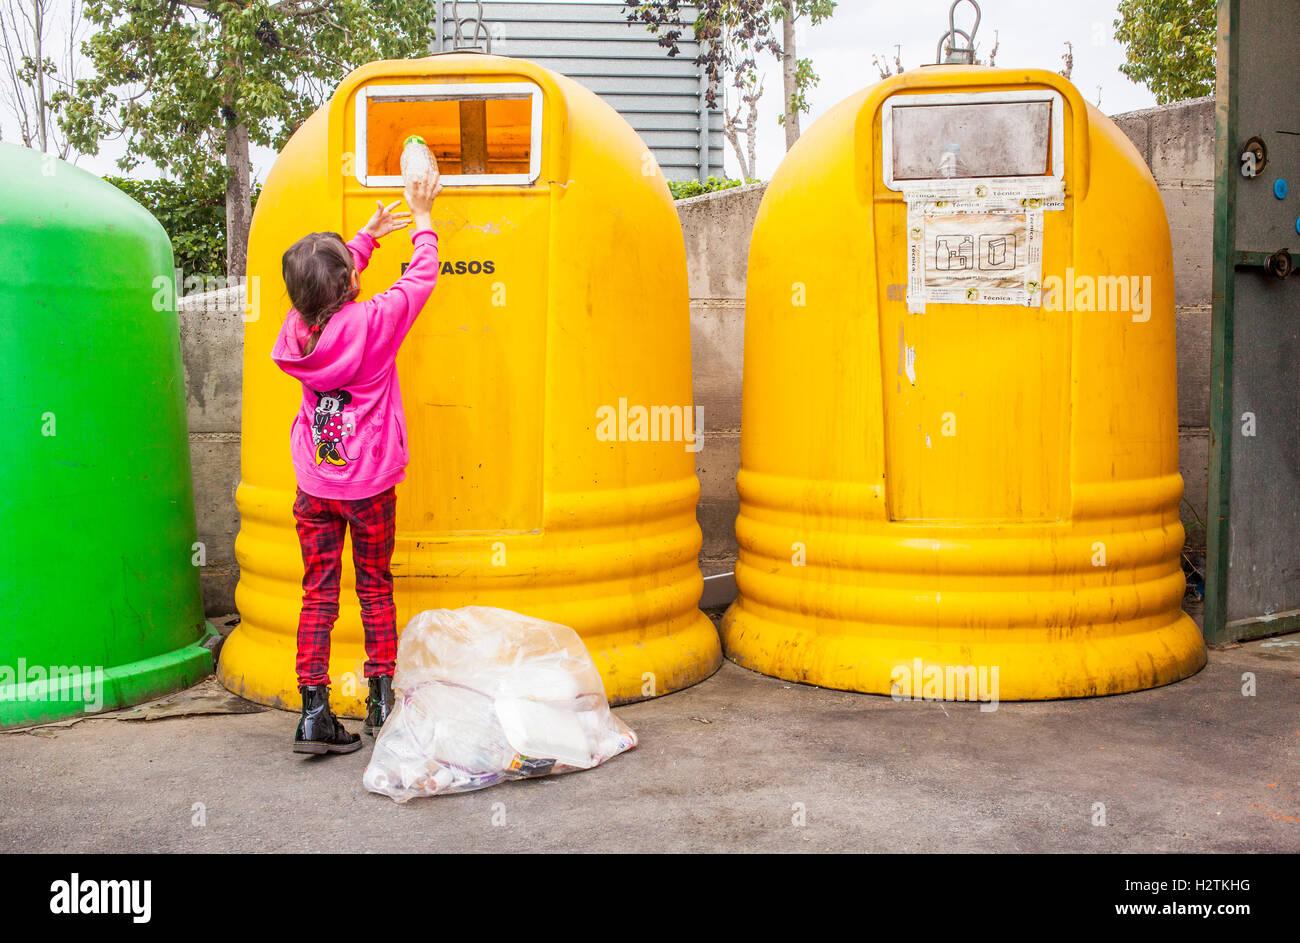 Behälter aus Kunststoff für Mülltrennung. Mädchen legt Kunststoff in einen Auffangbehälter Stockbild